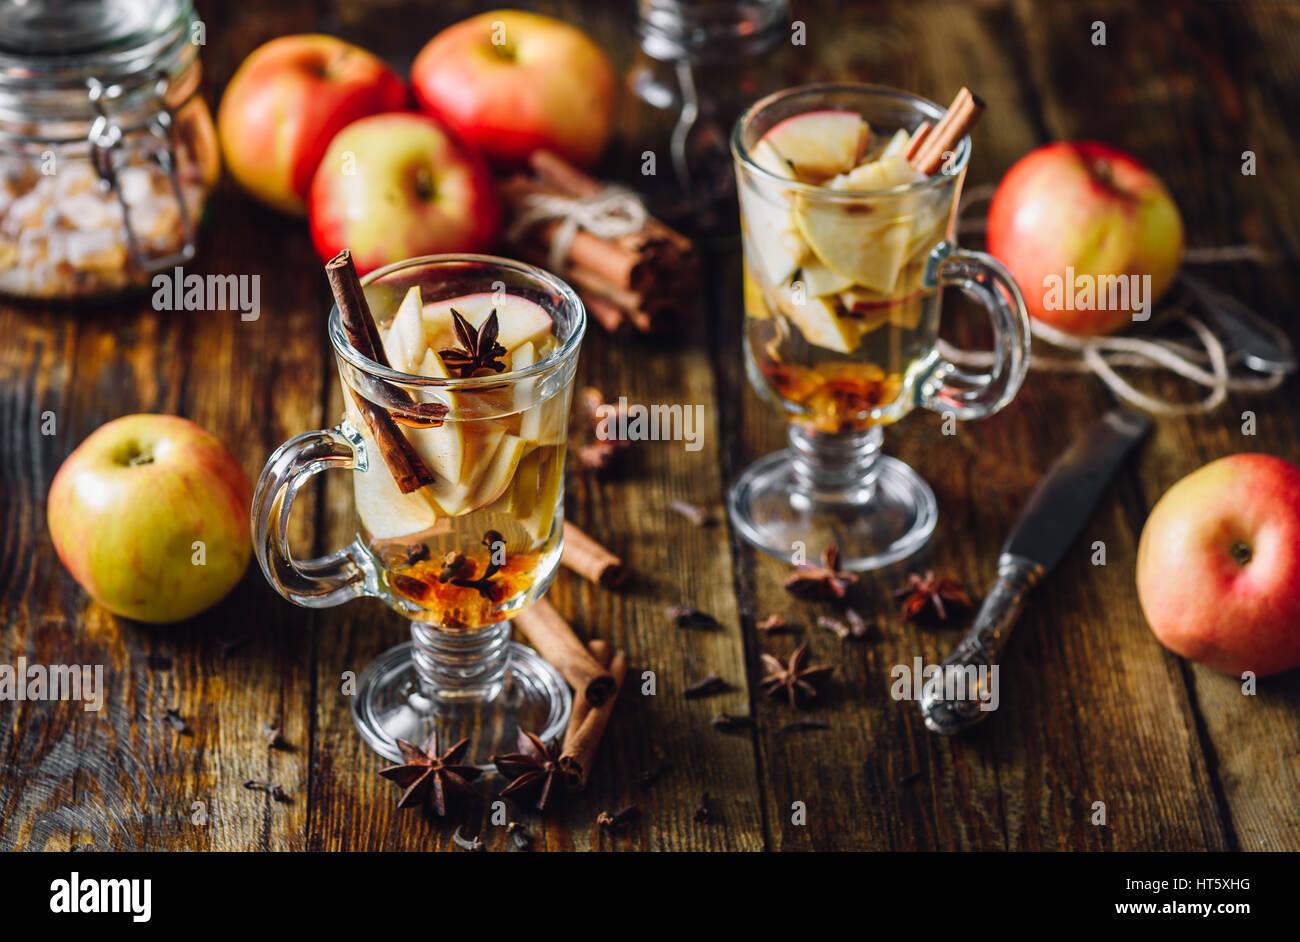 Casero bebidas condimentadas con tajadas de manzanas y algunas hierbas de cocina. Imagen De Stock